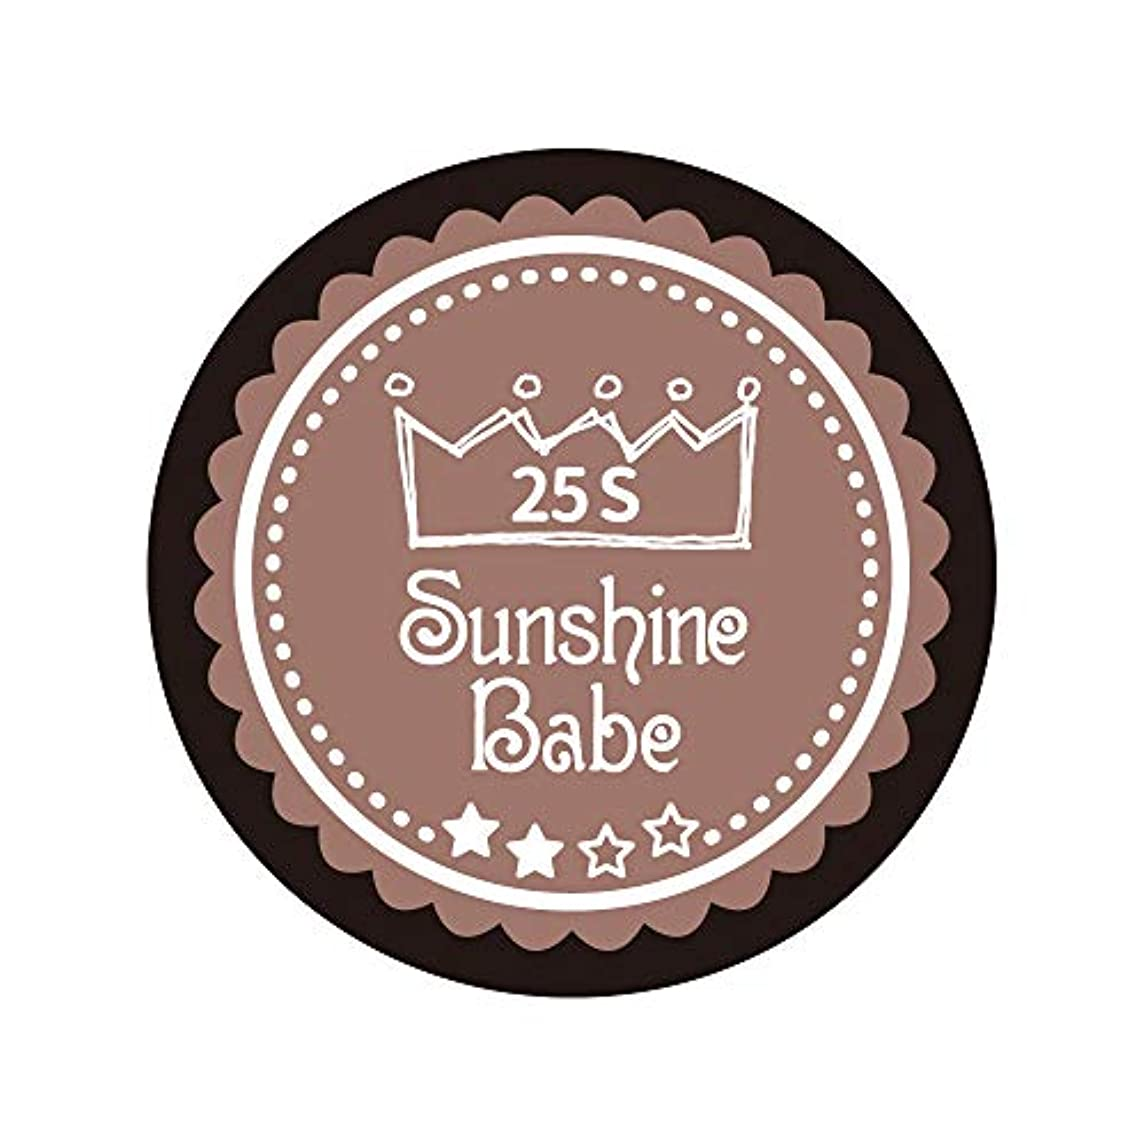 カブ冷凍庫理解するSunshine Babe カラージェル 25S ミルキーココア 2.7g UV/LED対応